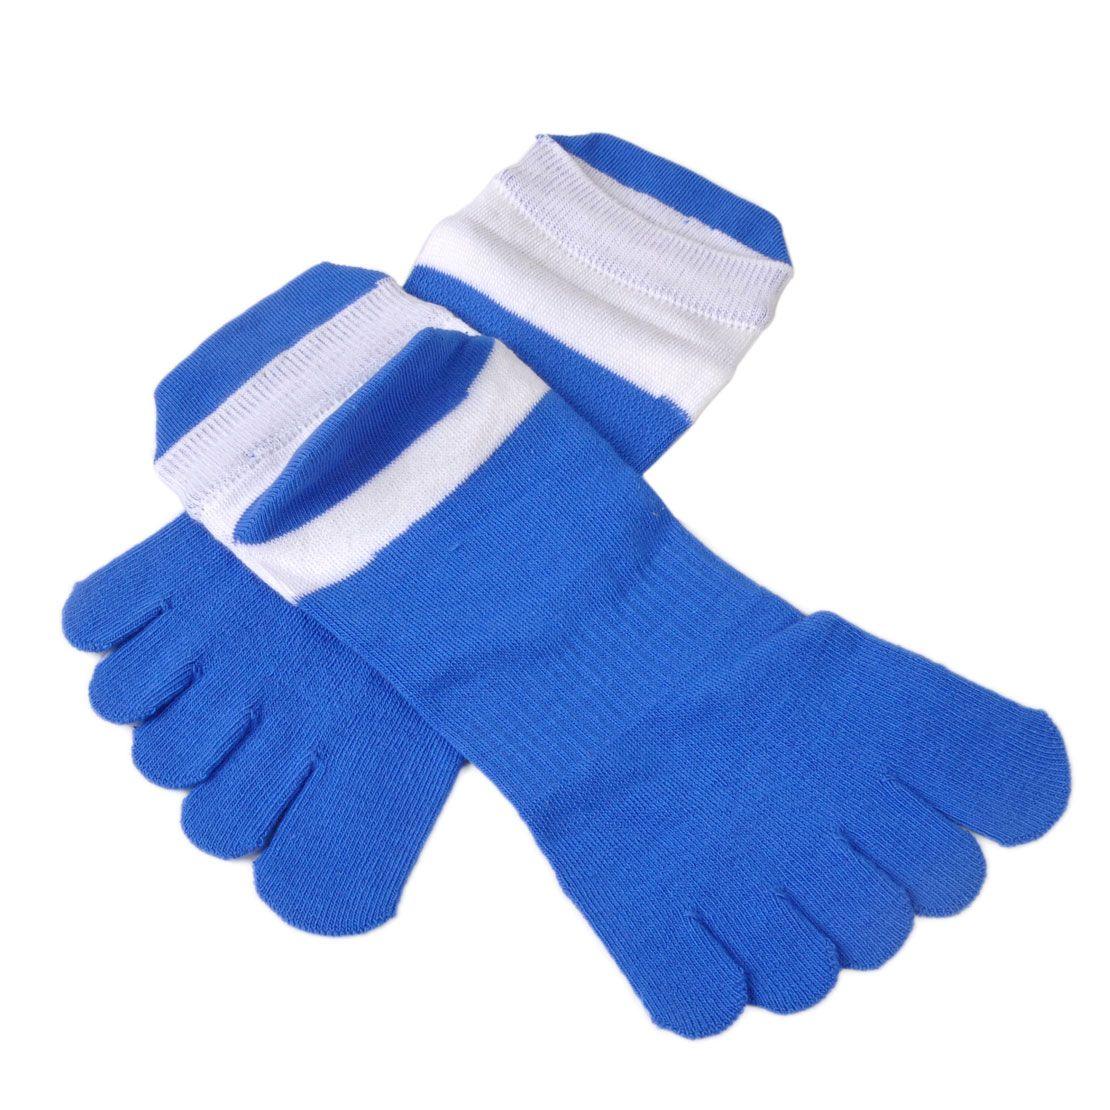 5 paires/lot coloré Respirer En Pur Coton Pour Hommes Cinq Doigts Chaussettes décontracté Respirant Calcetines Cheville Chaussettes pour EU 40-46 Orteil